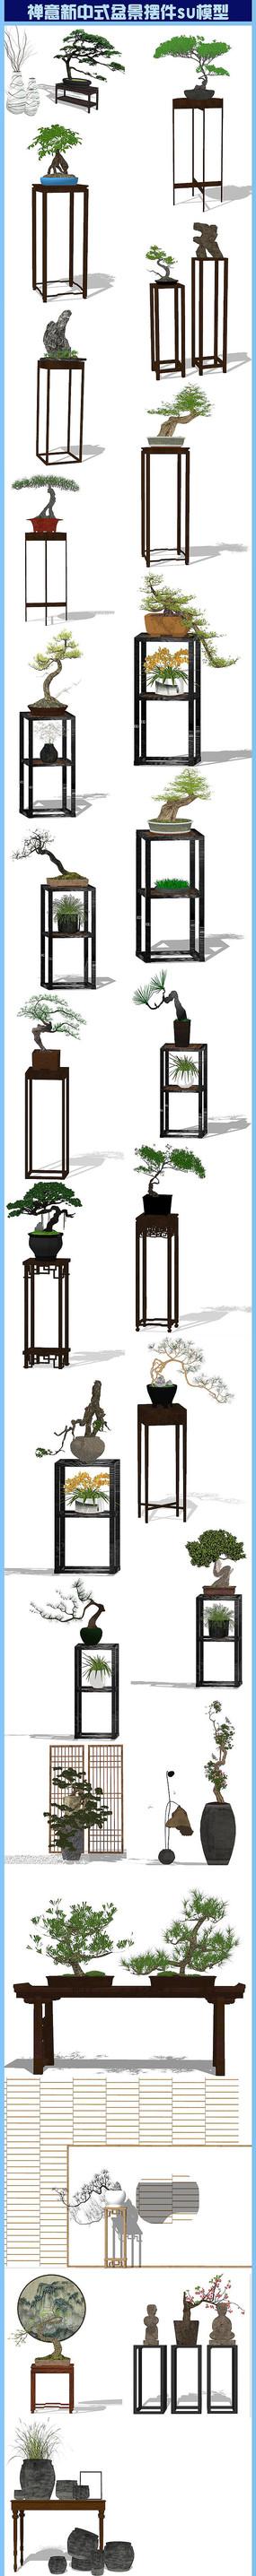 禅意新中式盆景摆件su模型